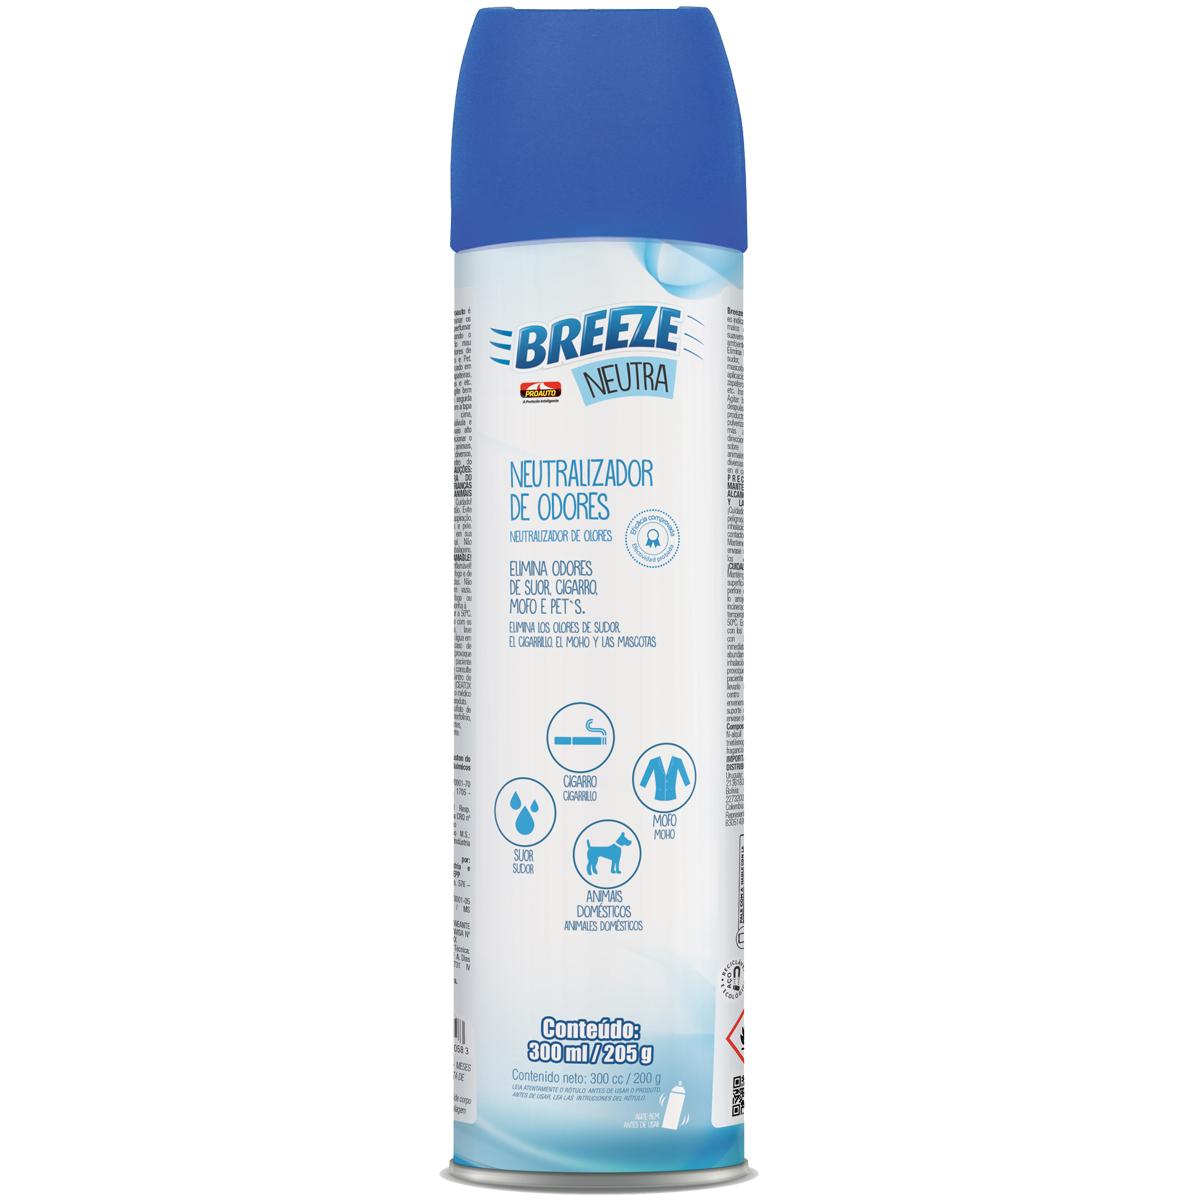 Neutralizador De Odores Breeze Neutra Proauto